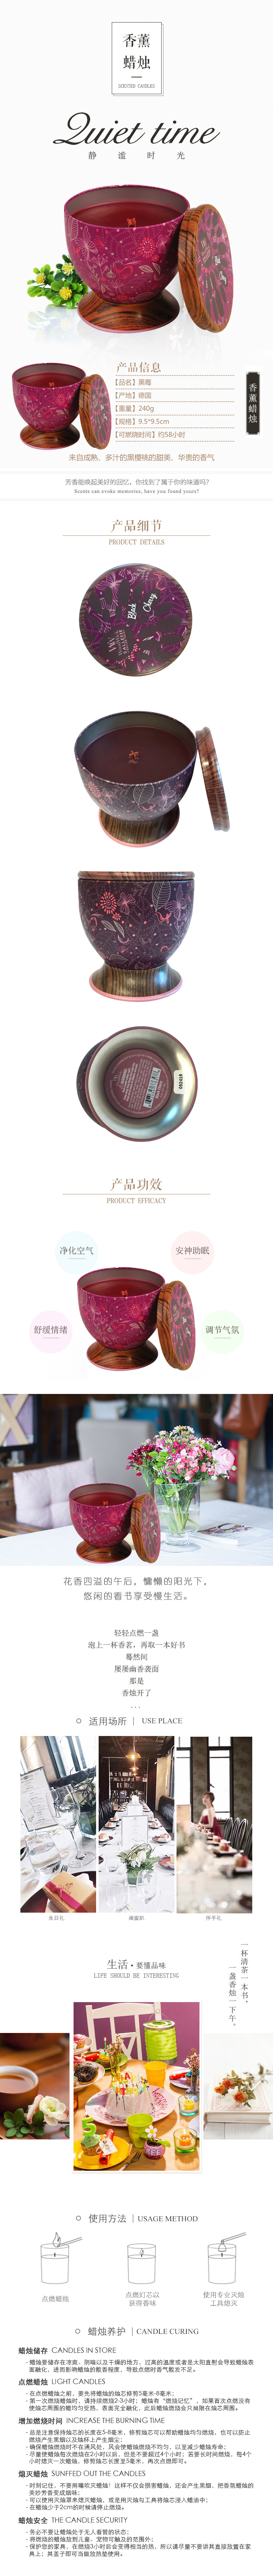 黑莓蜡烛-1.jpg